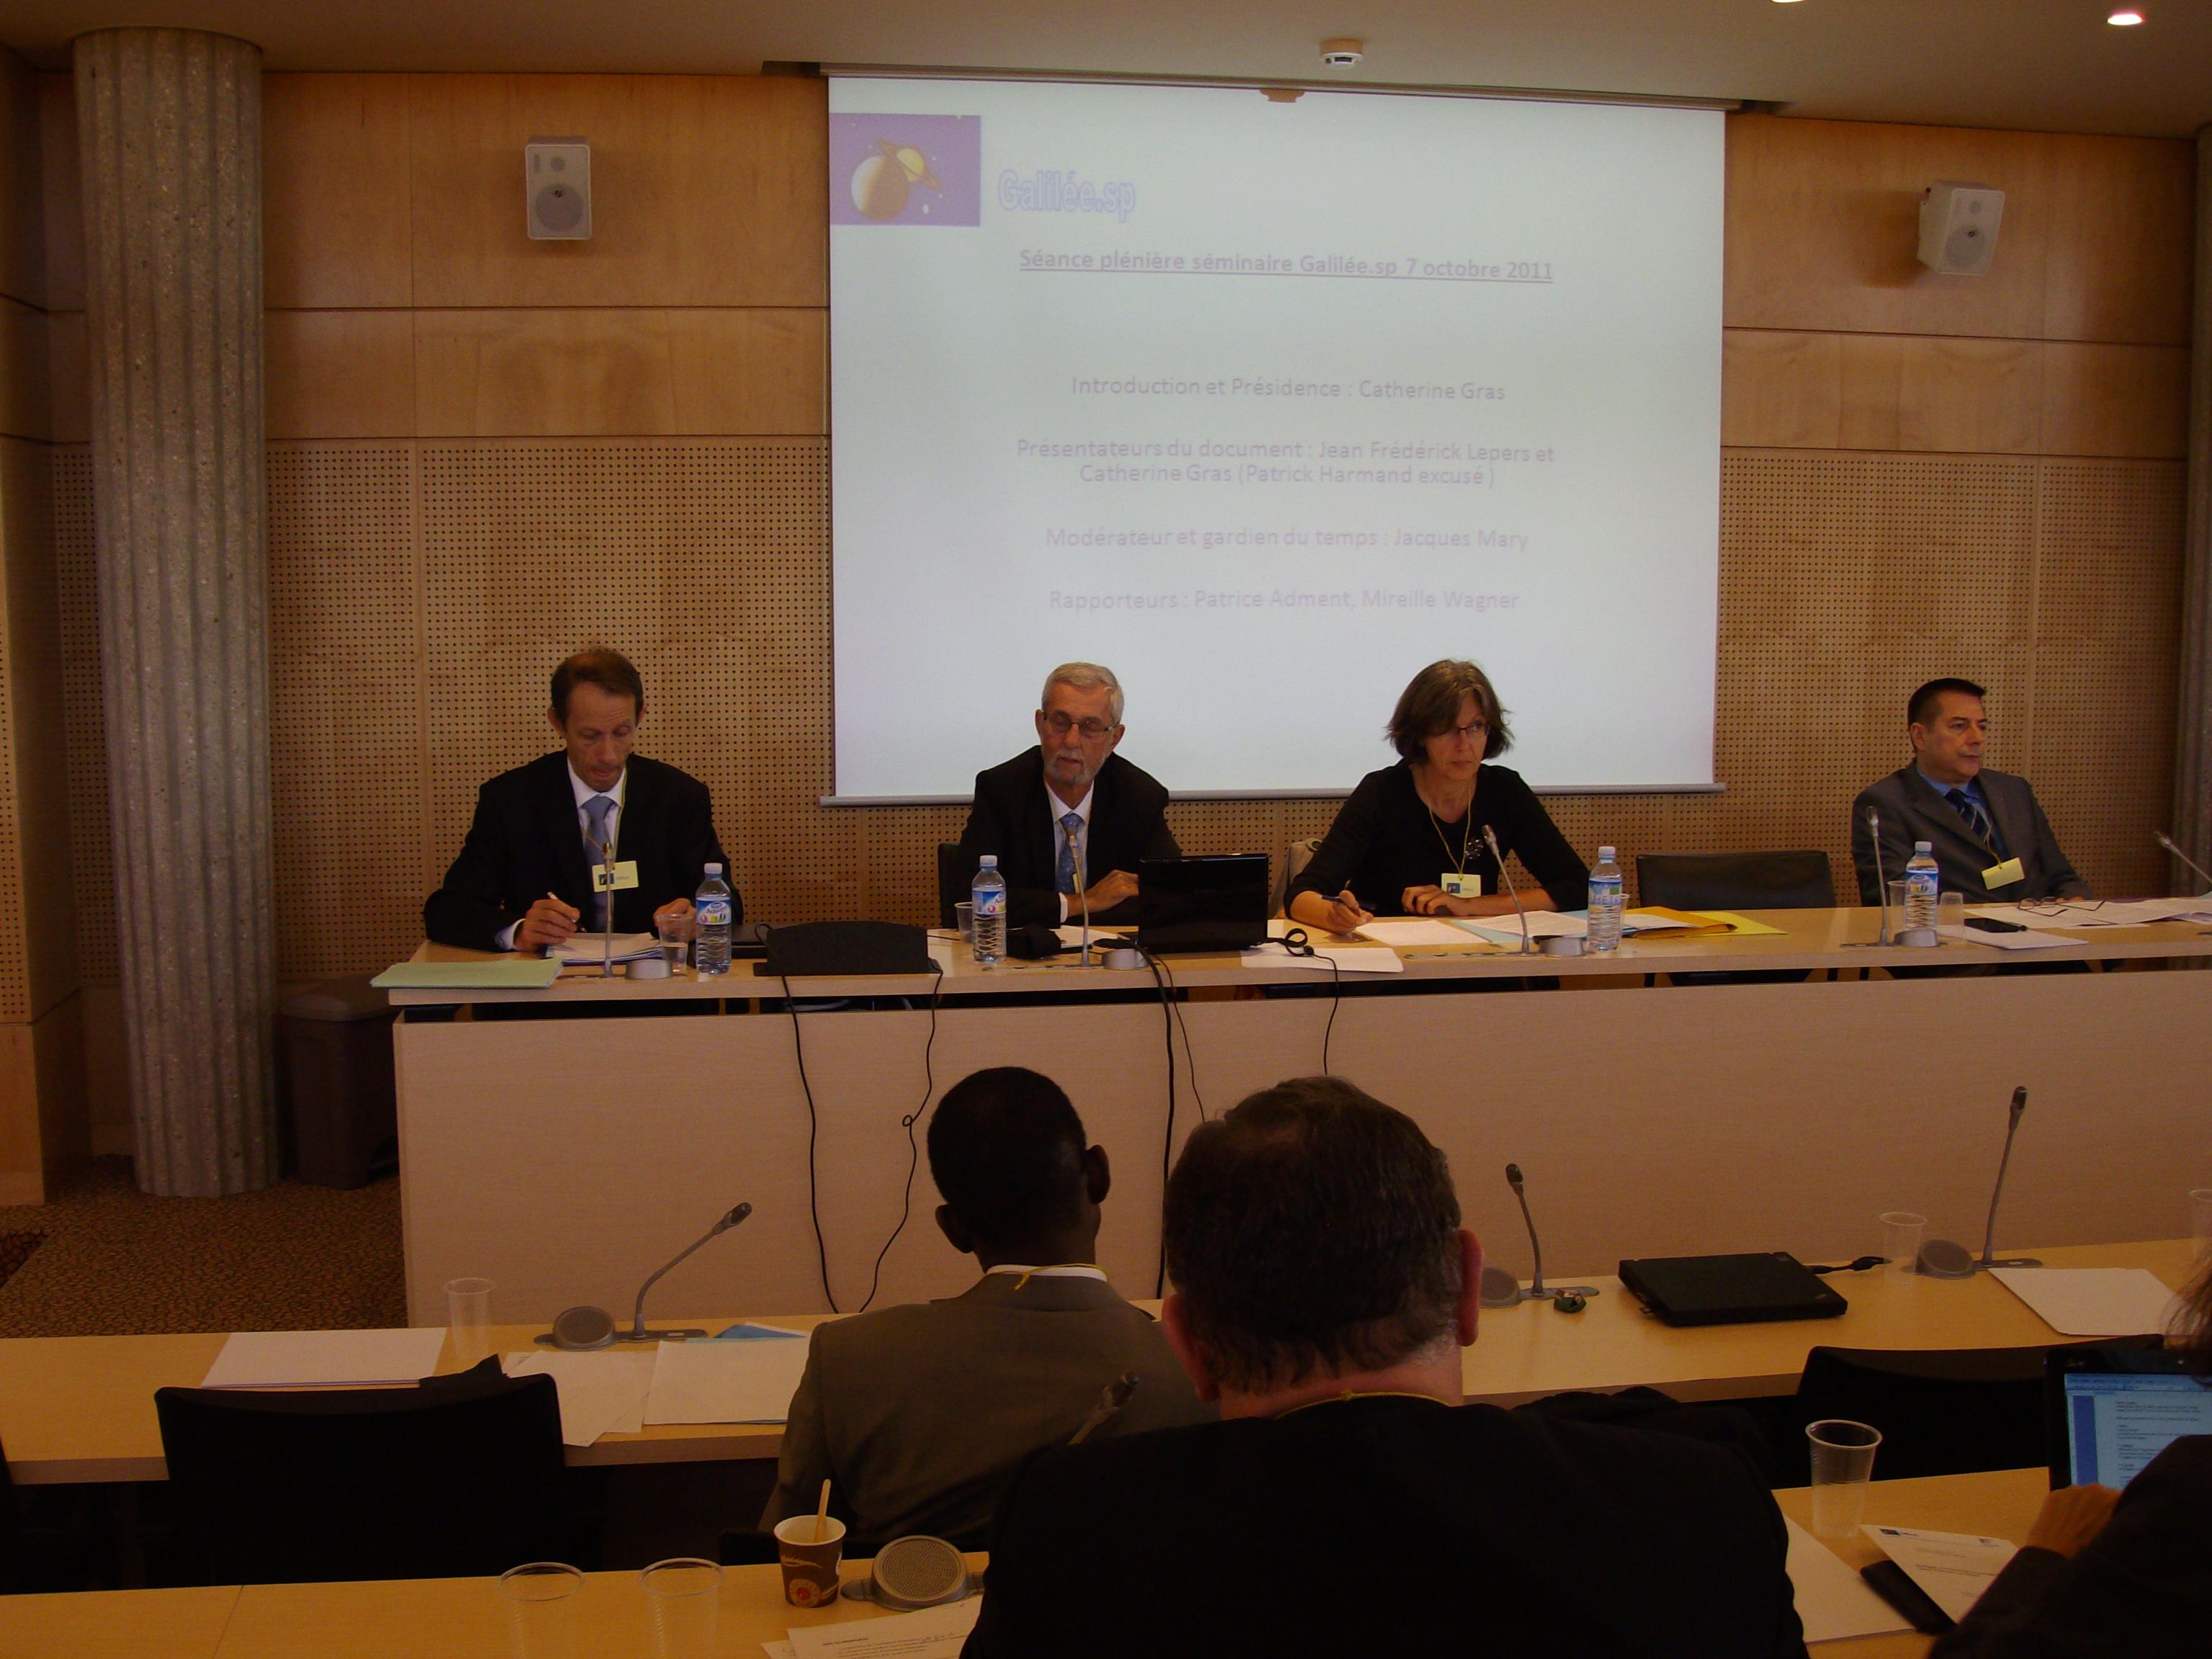 1ère Assemblée générale de Galilée le 7 octobre au Conseil Economique, Social et Environnemental: - Yannick GIRAULT - Jean-frédérick LEPERS - Catherine GRAS - Jacques MARY